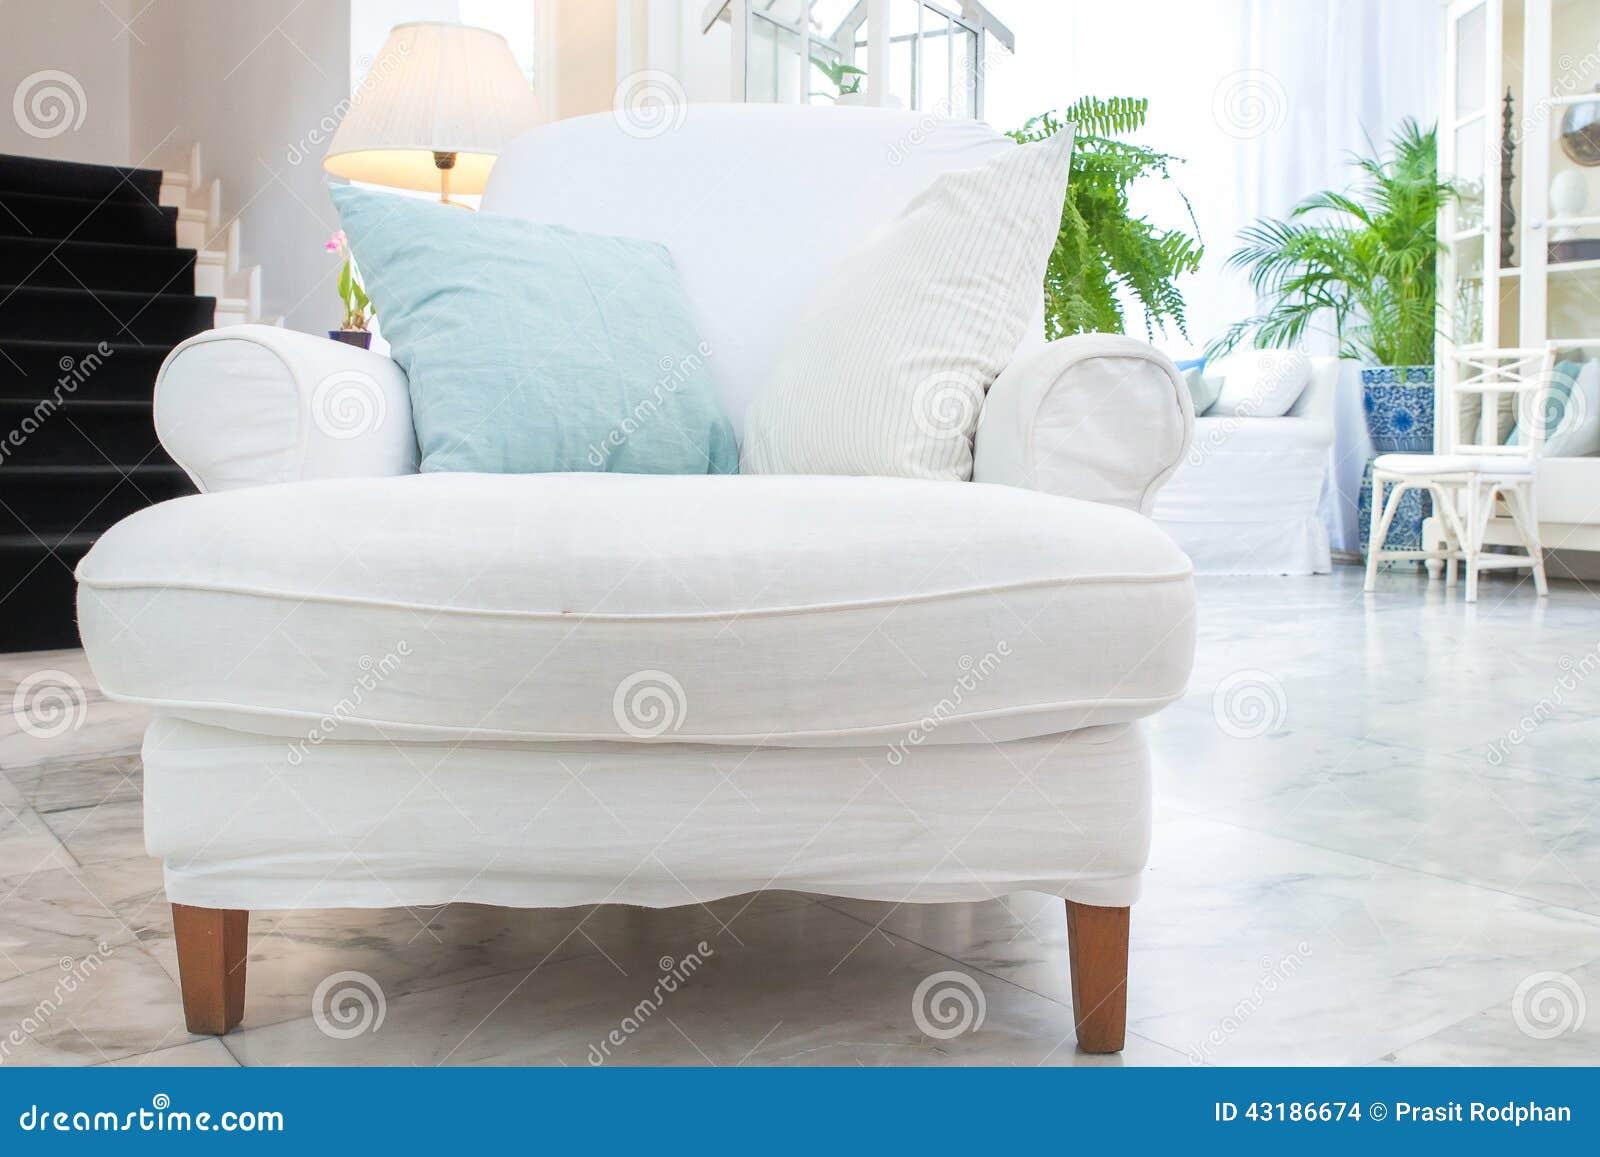 fauteuil blanc avec l oreiller dans le salon style de vintage 43186674 Résultat Supérieur 50 Bon Marché Fauteuil Salon Vintage Photographie 2017 Ojr7